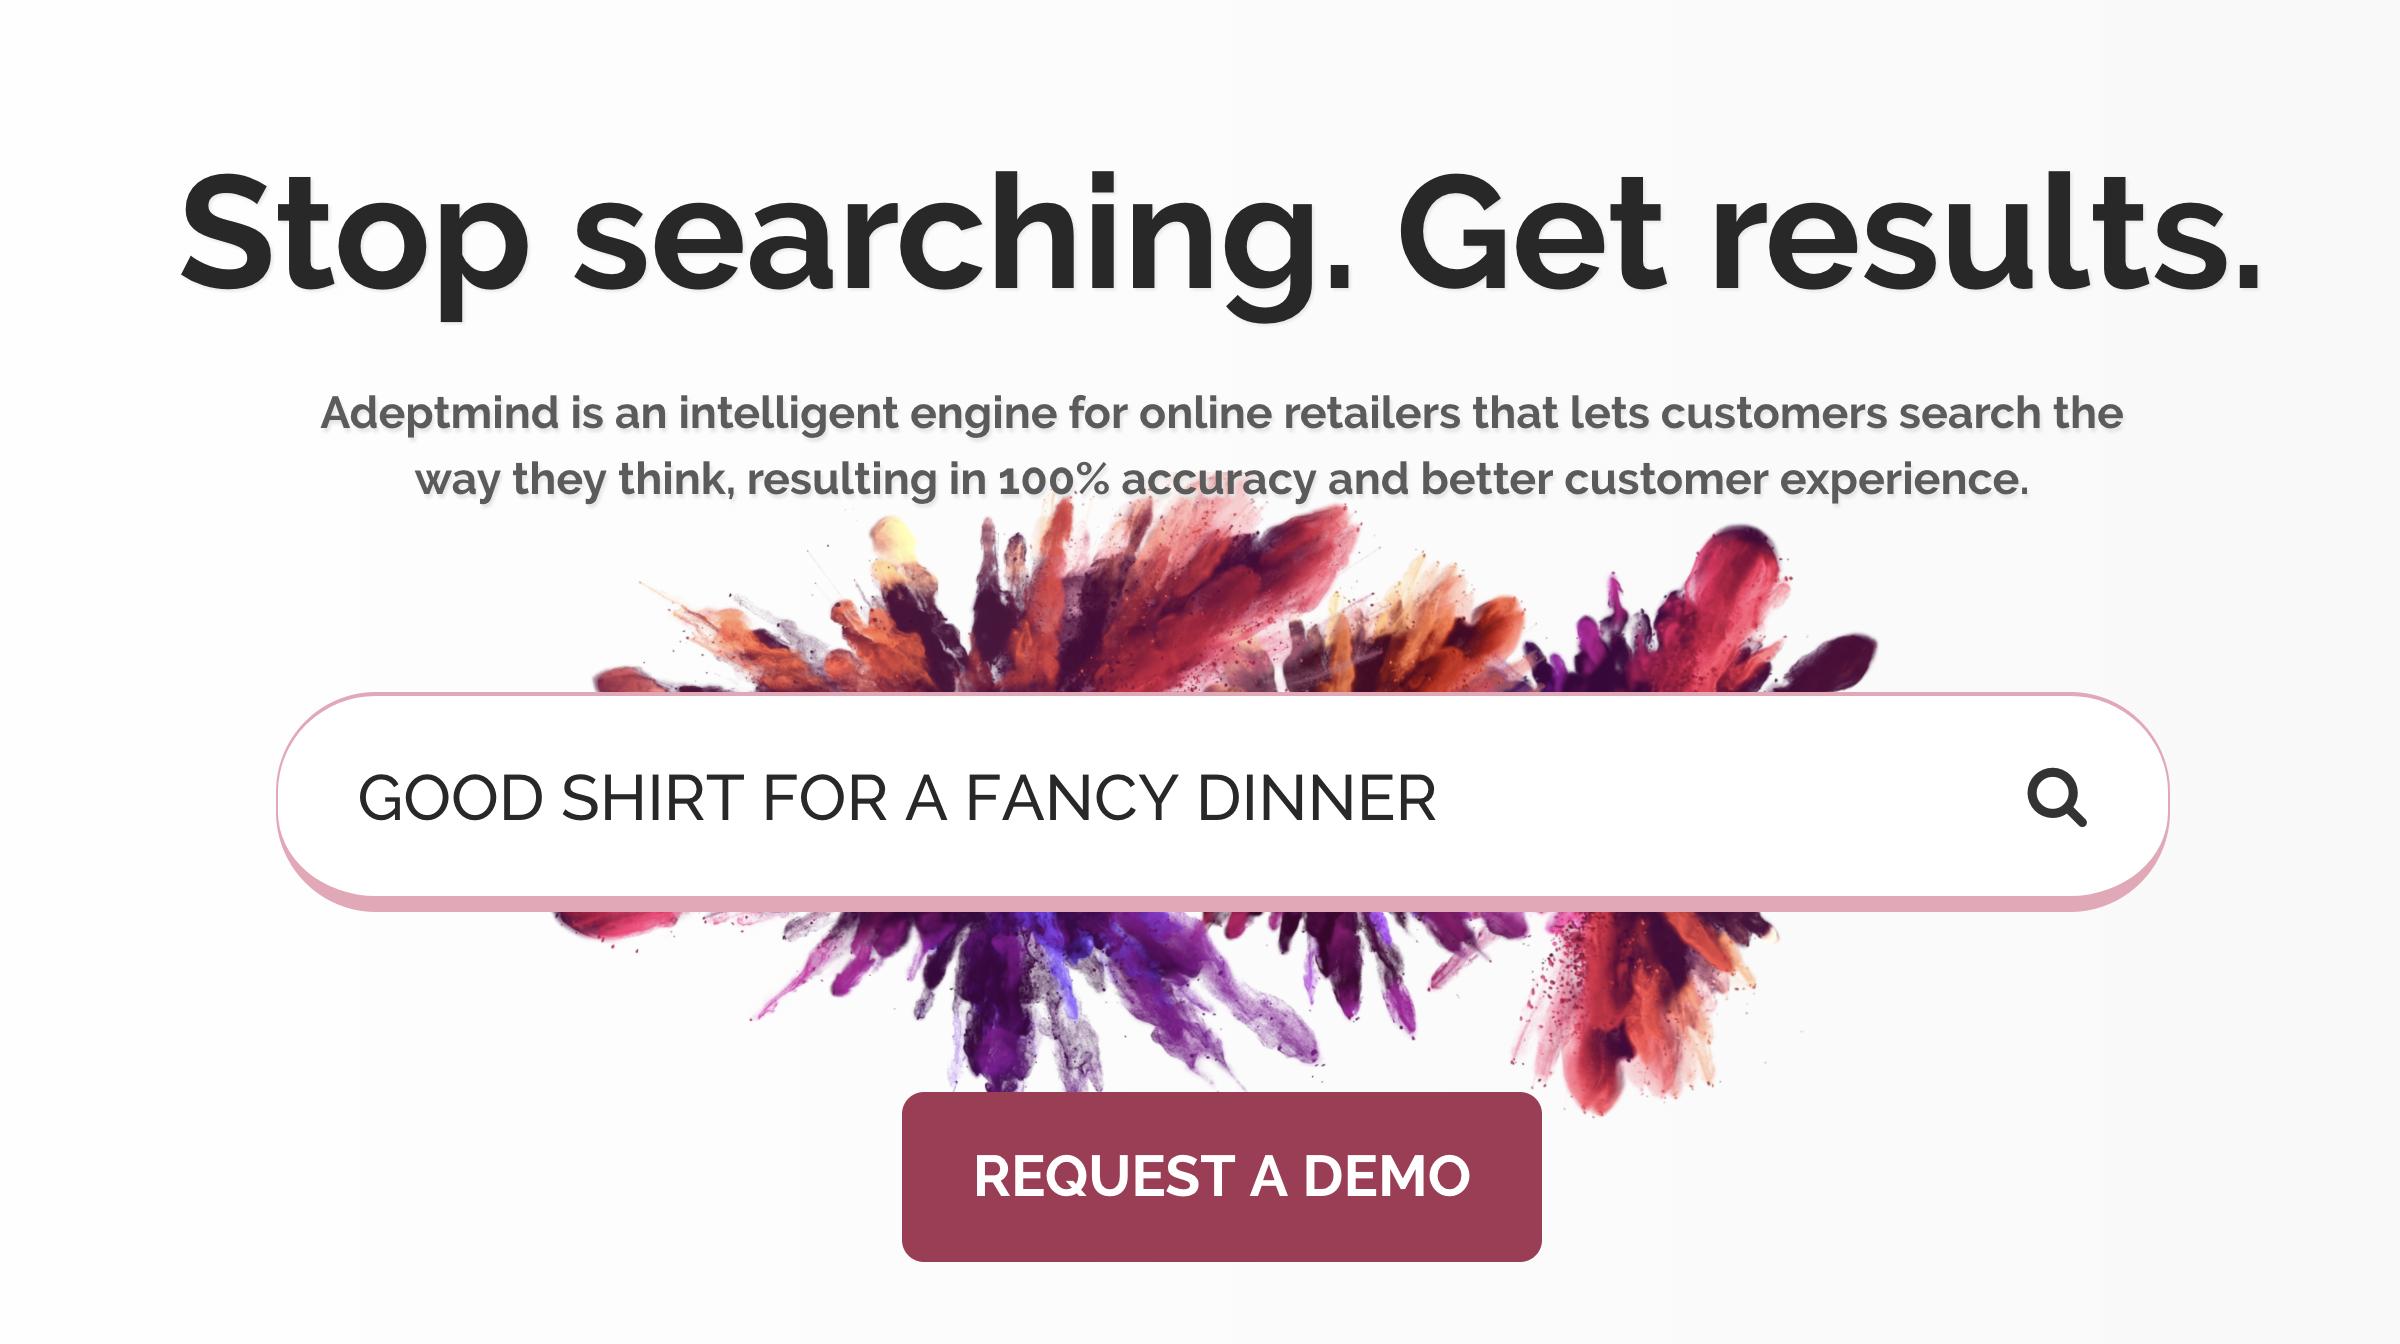 购物搜索引擎AdeptMind获550万美元种子投资与谷歌在垂直细分领域竞争